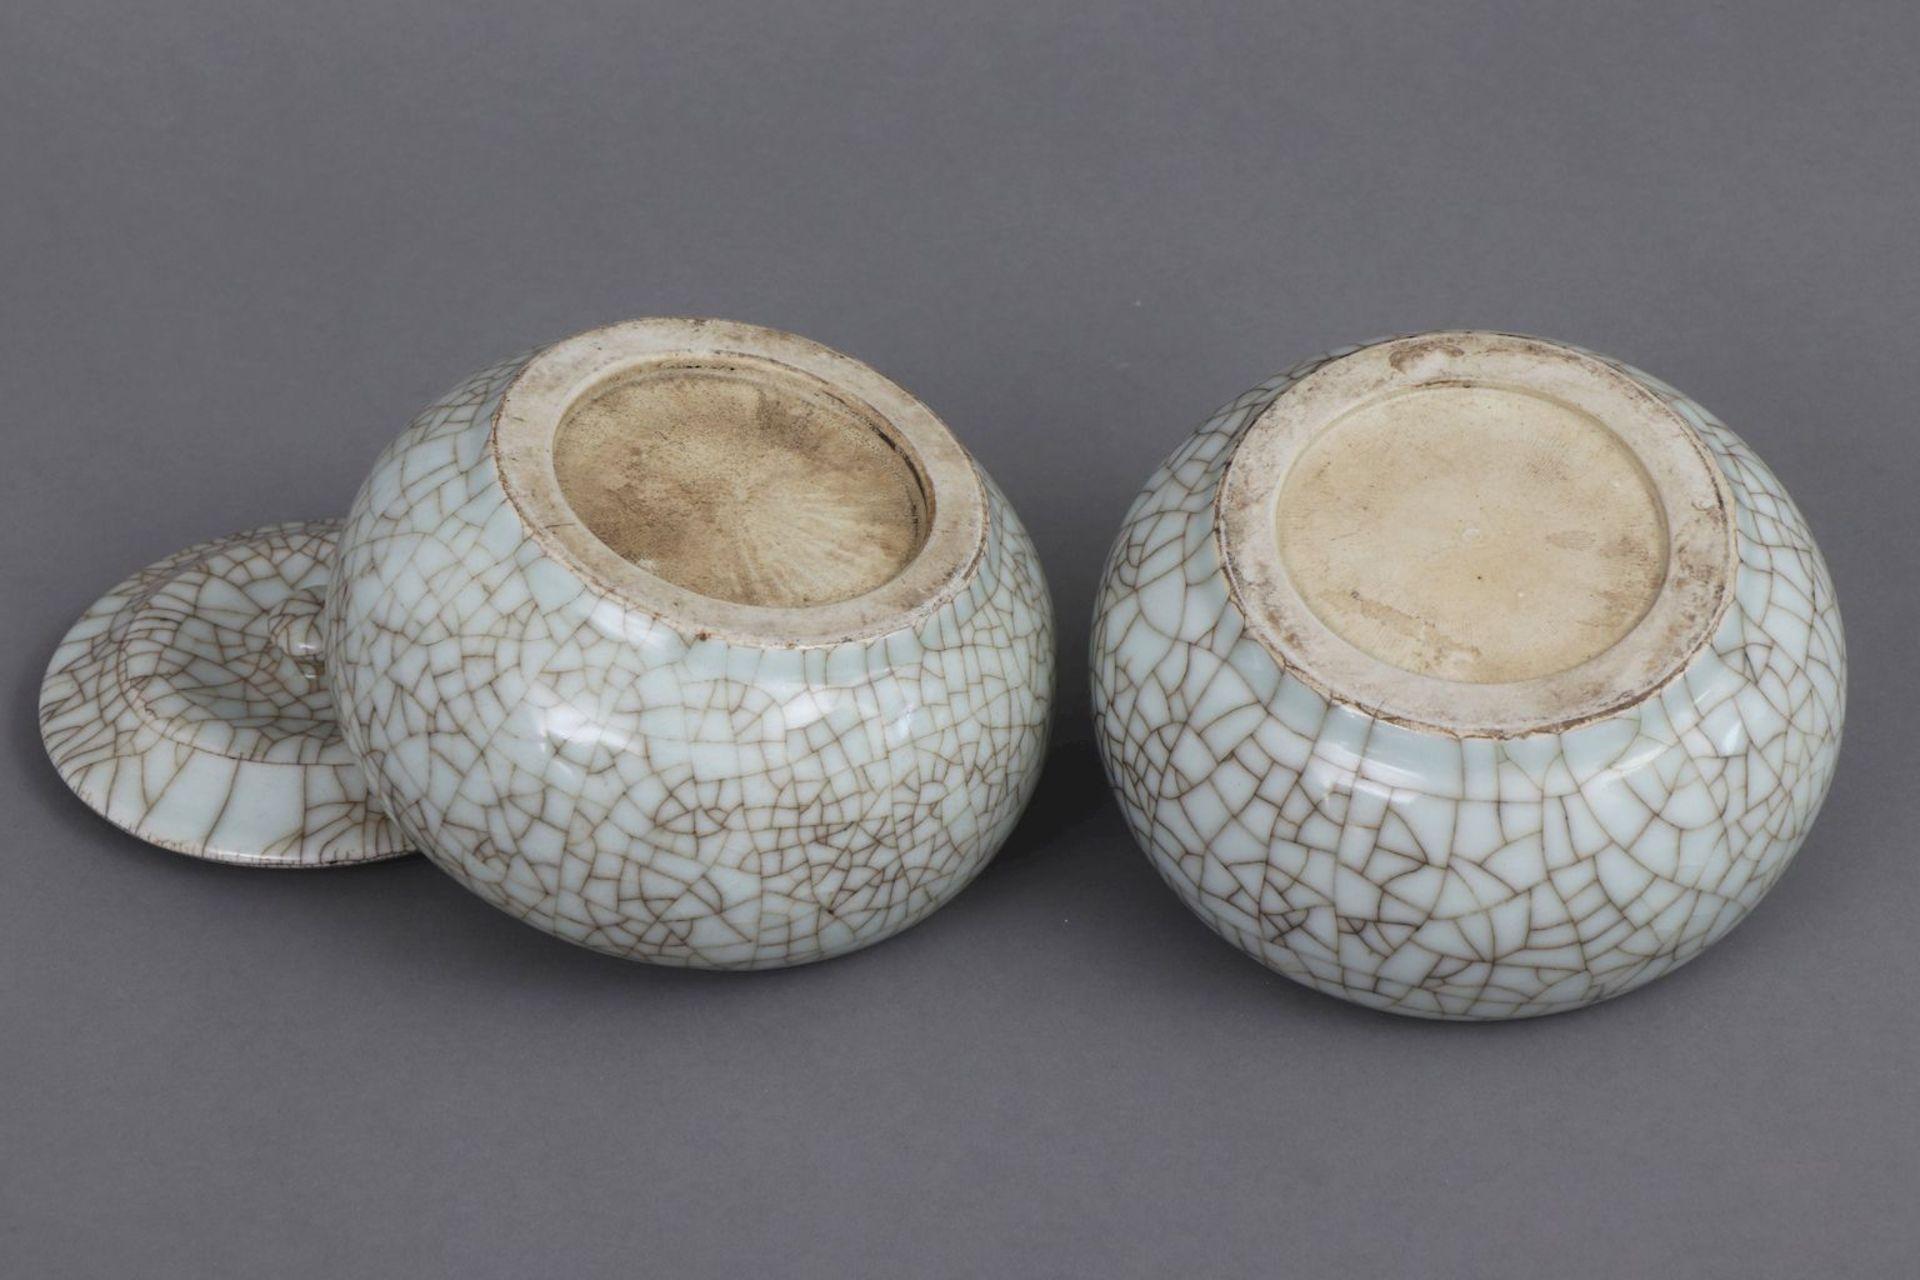 Paar chinesische Deckeldosen mit Seladon-Craqueleeglasur - Bild 4 aus 4